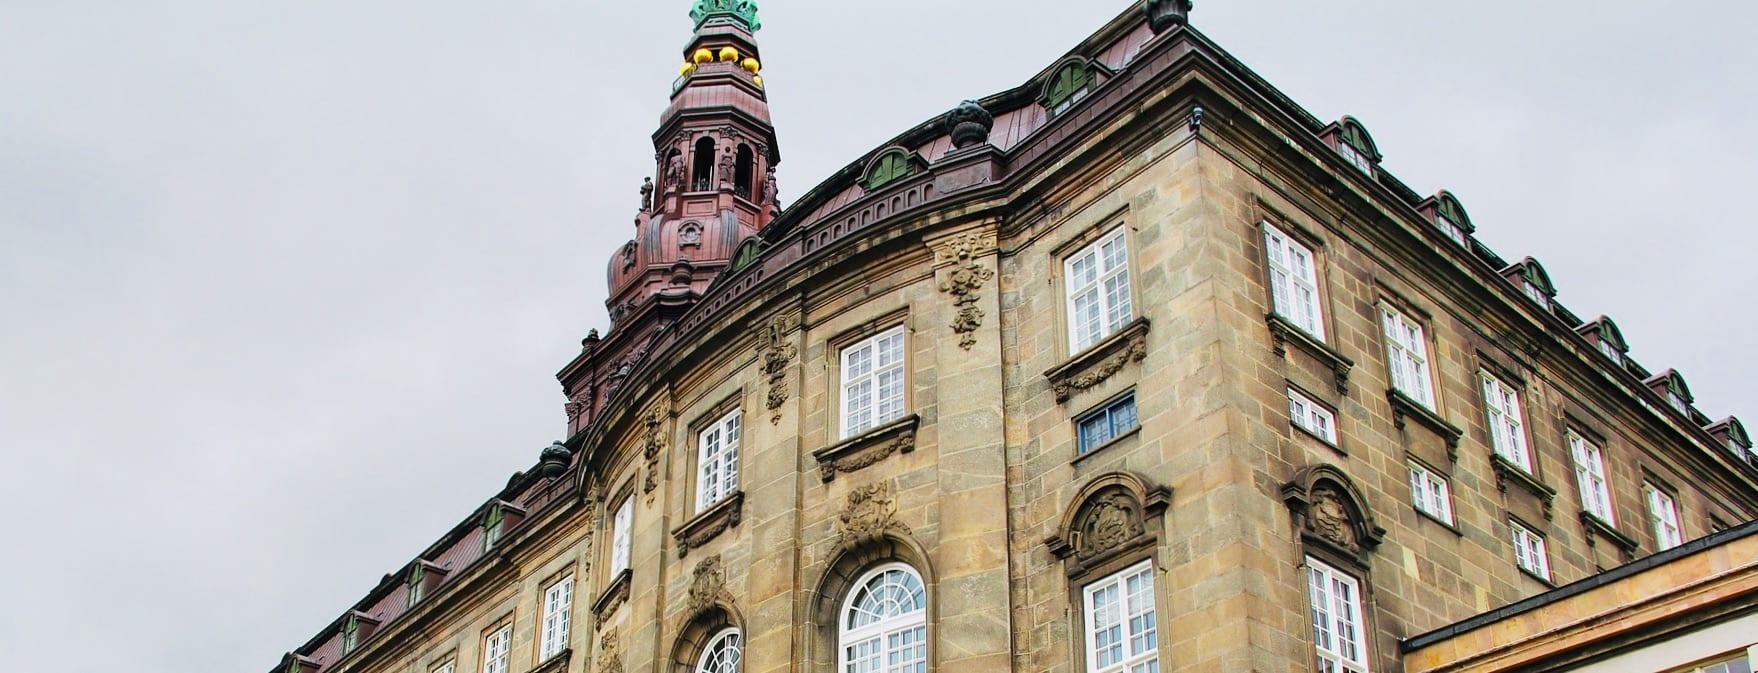 Christiansborg i København, Danmark